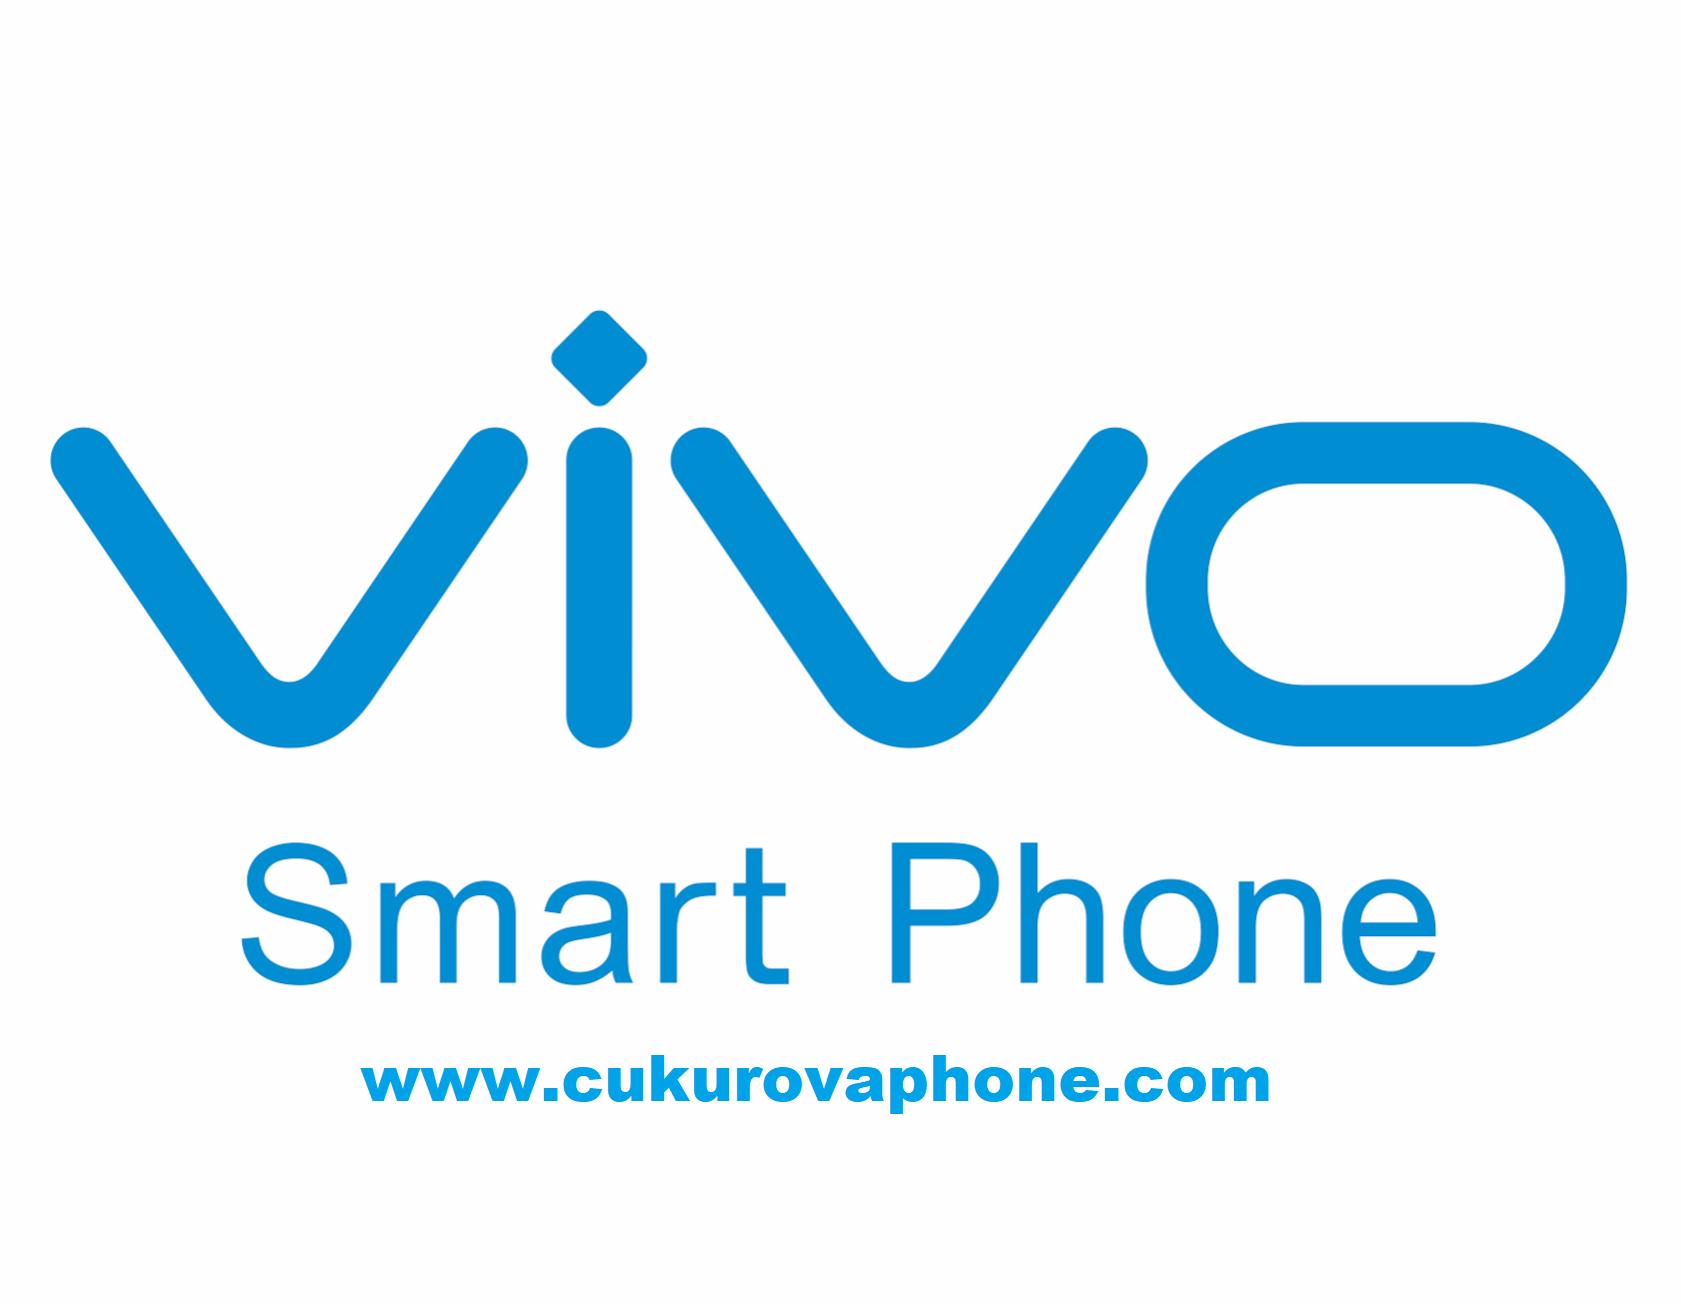 Adana Vivo Teknik Servis Hizmetleri 0 322 422 56 76